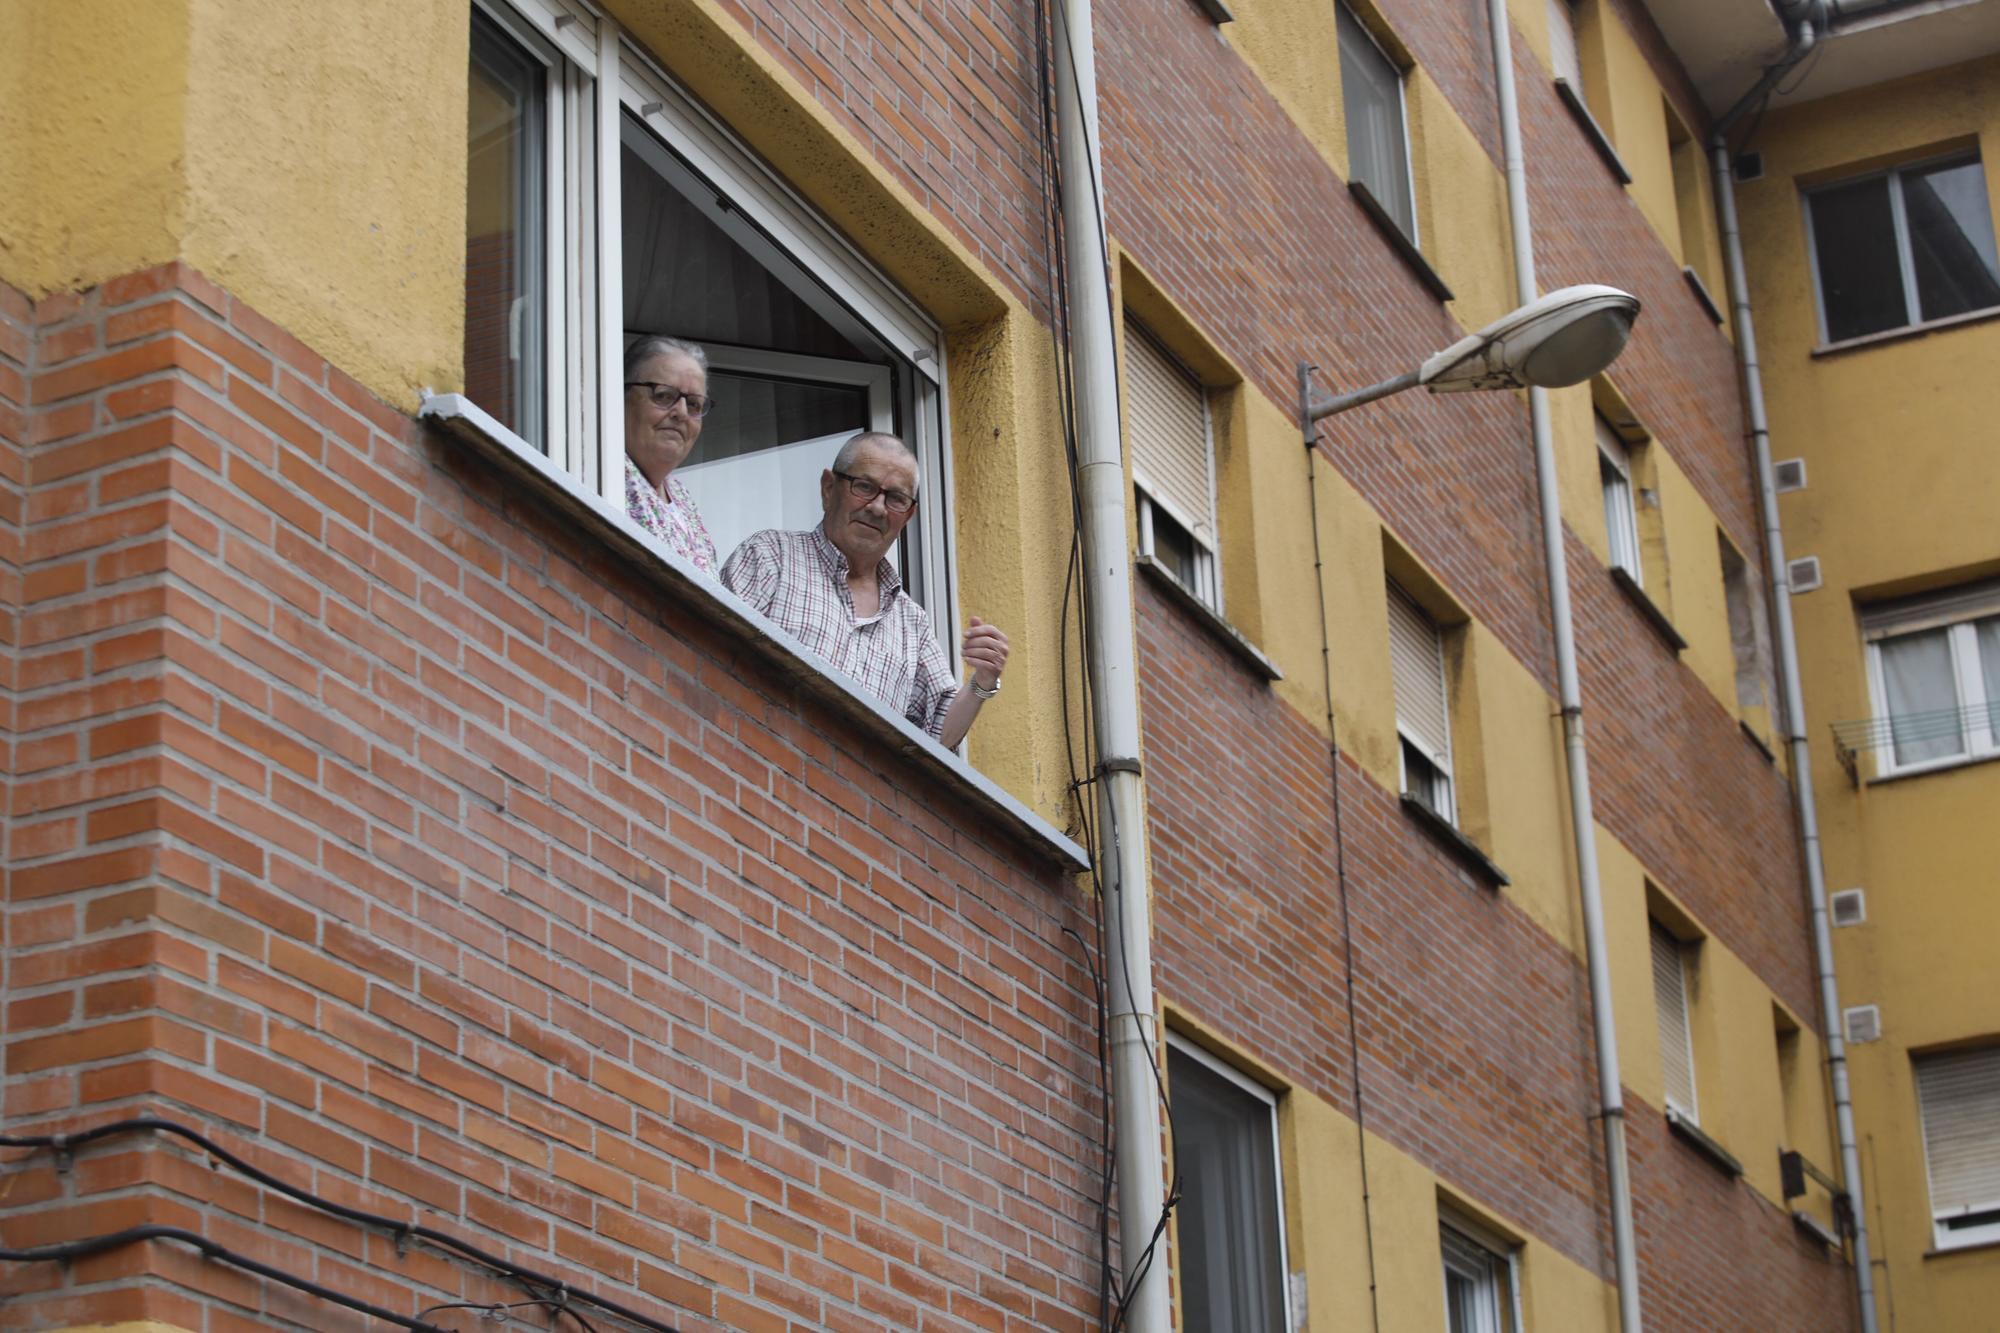 Los vecinos de los barrios degradados exigen que se lleven a cabo las reformas